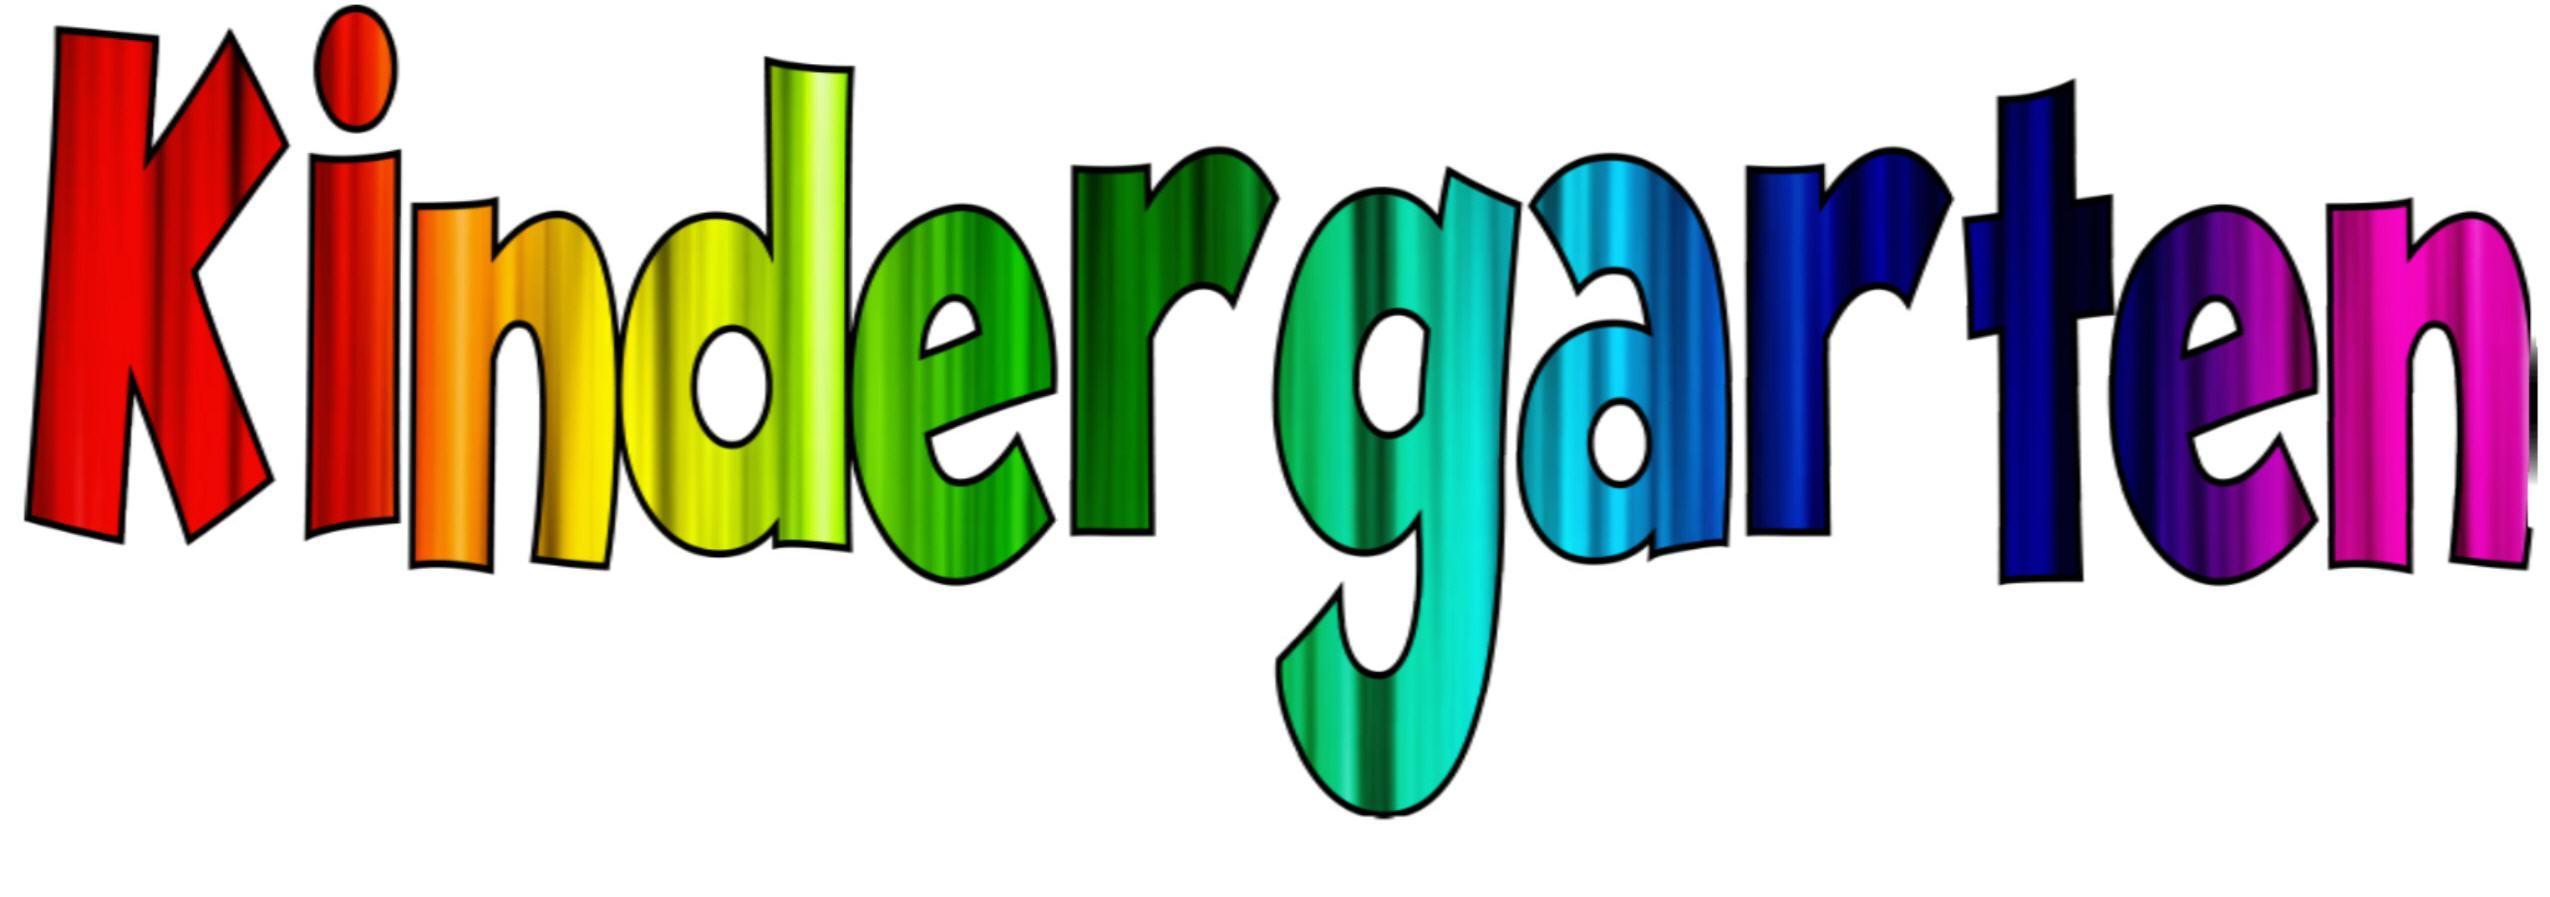 Garden clipart kindergarten #9